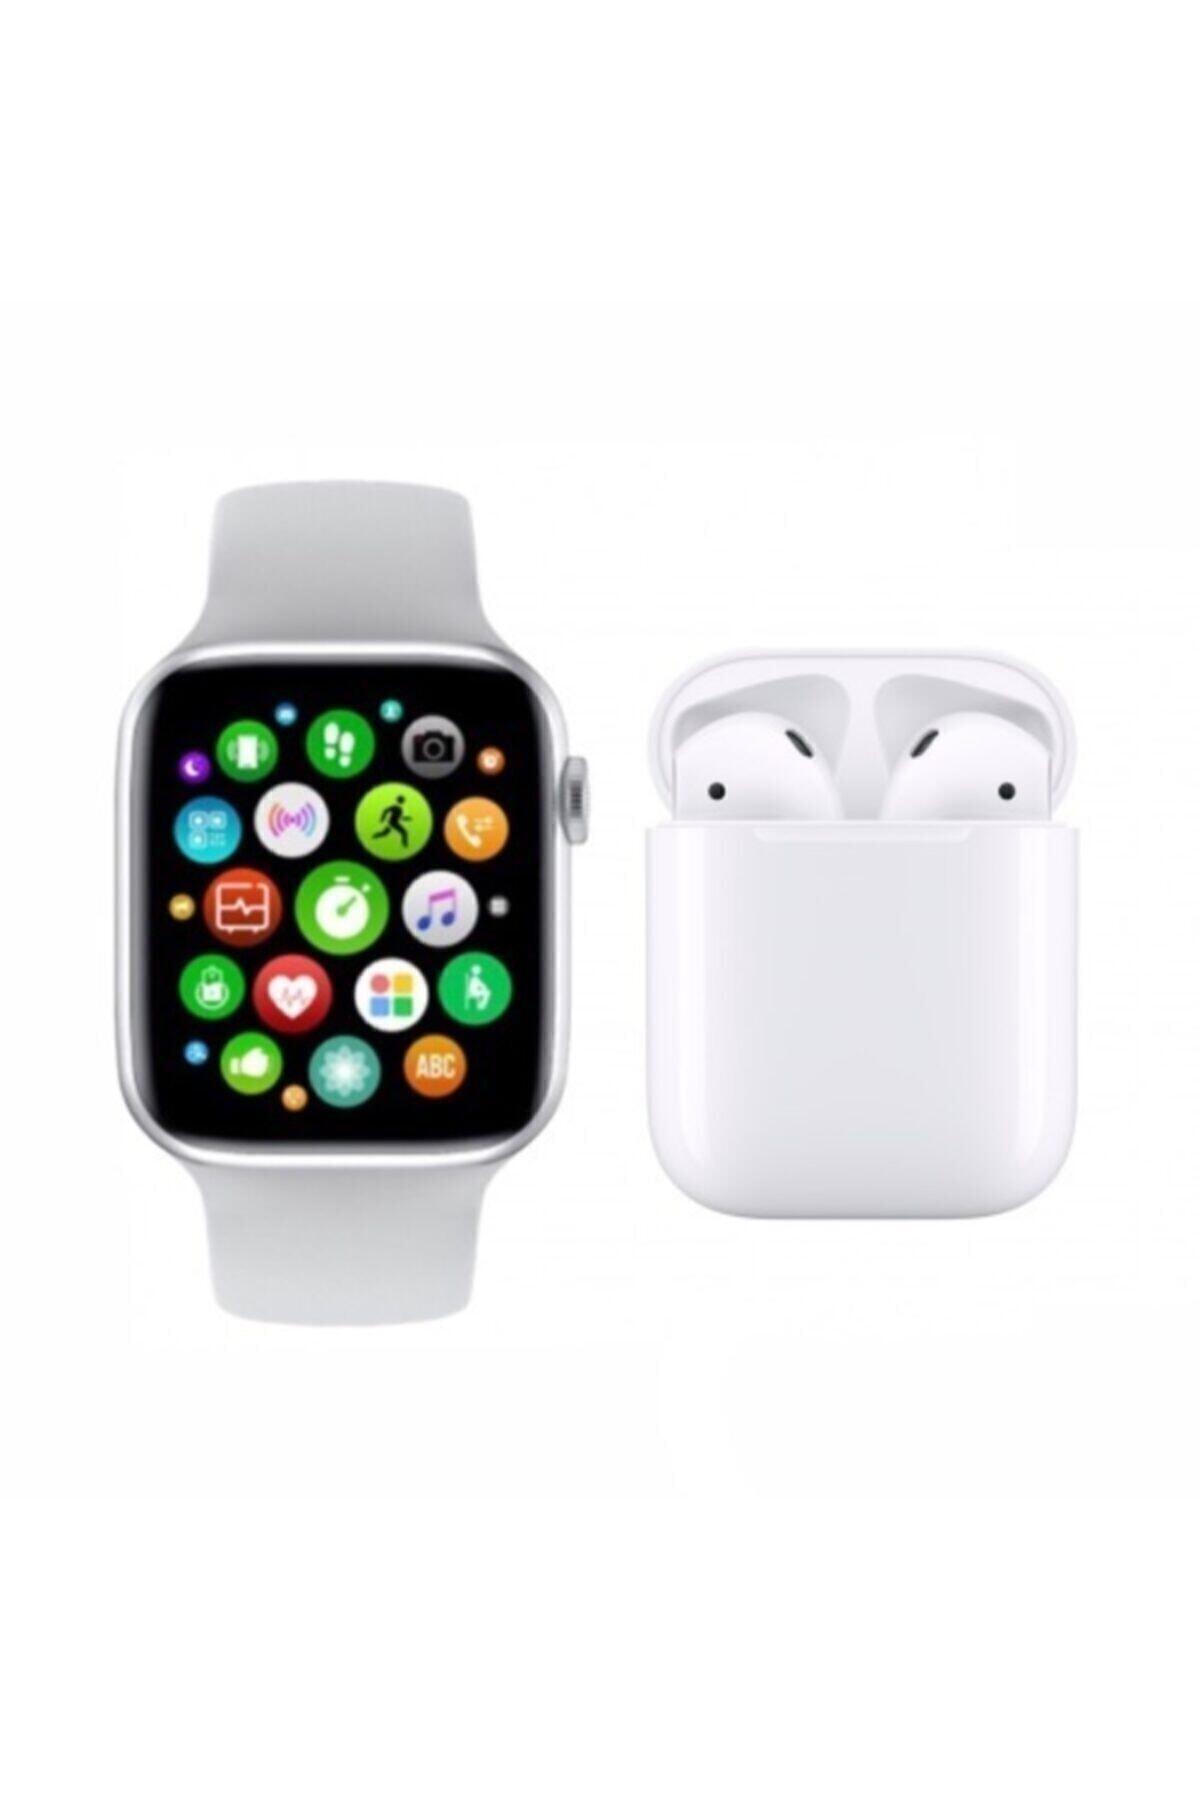 SmartWatch Akıllı Saat Smart Watch T500 + Airpods 12 Kablosuz Kulaklık 2'li 1